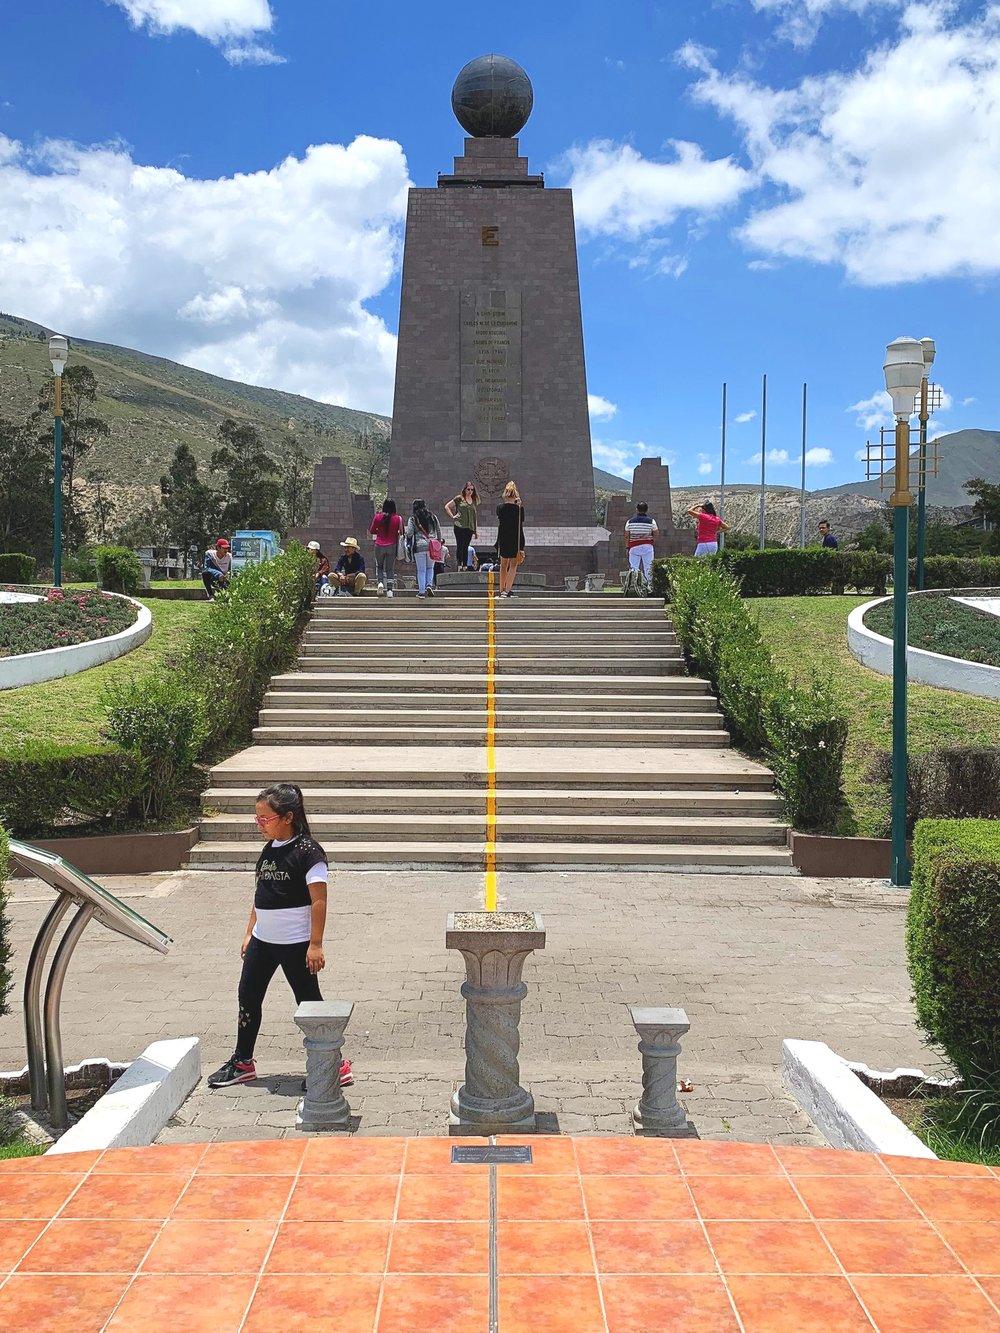 The original equator monument.